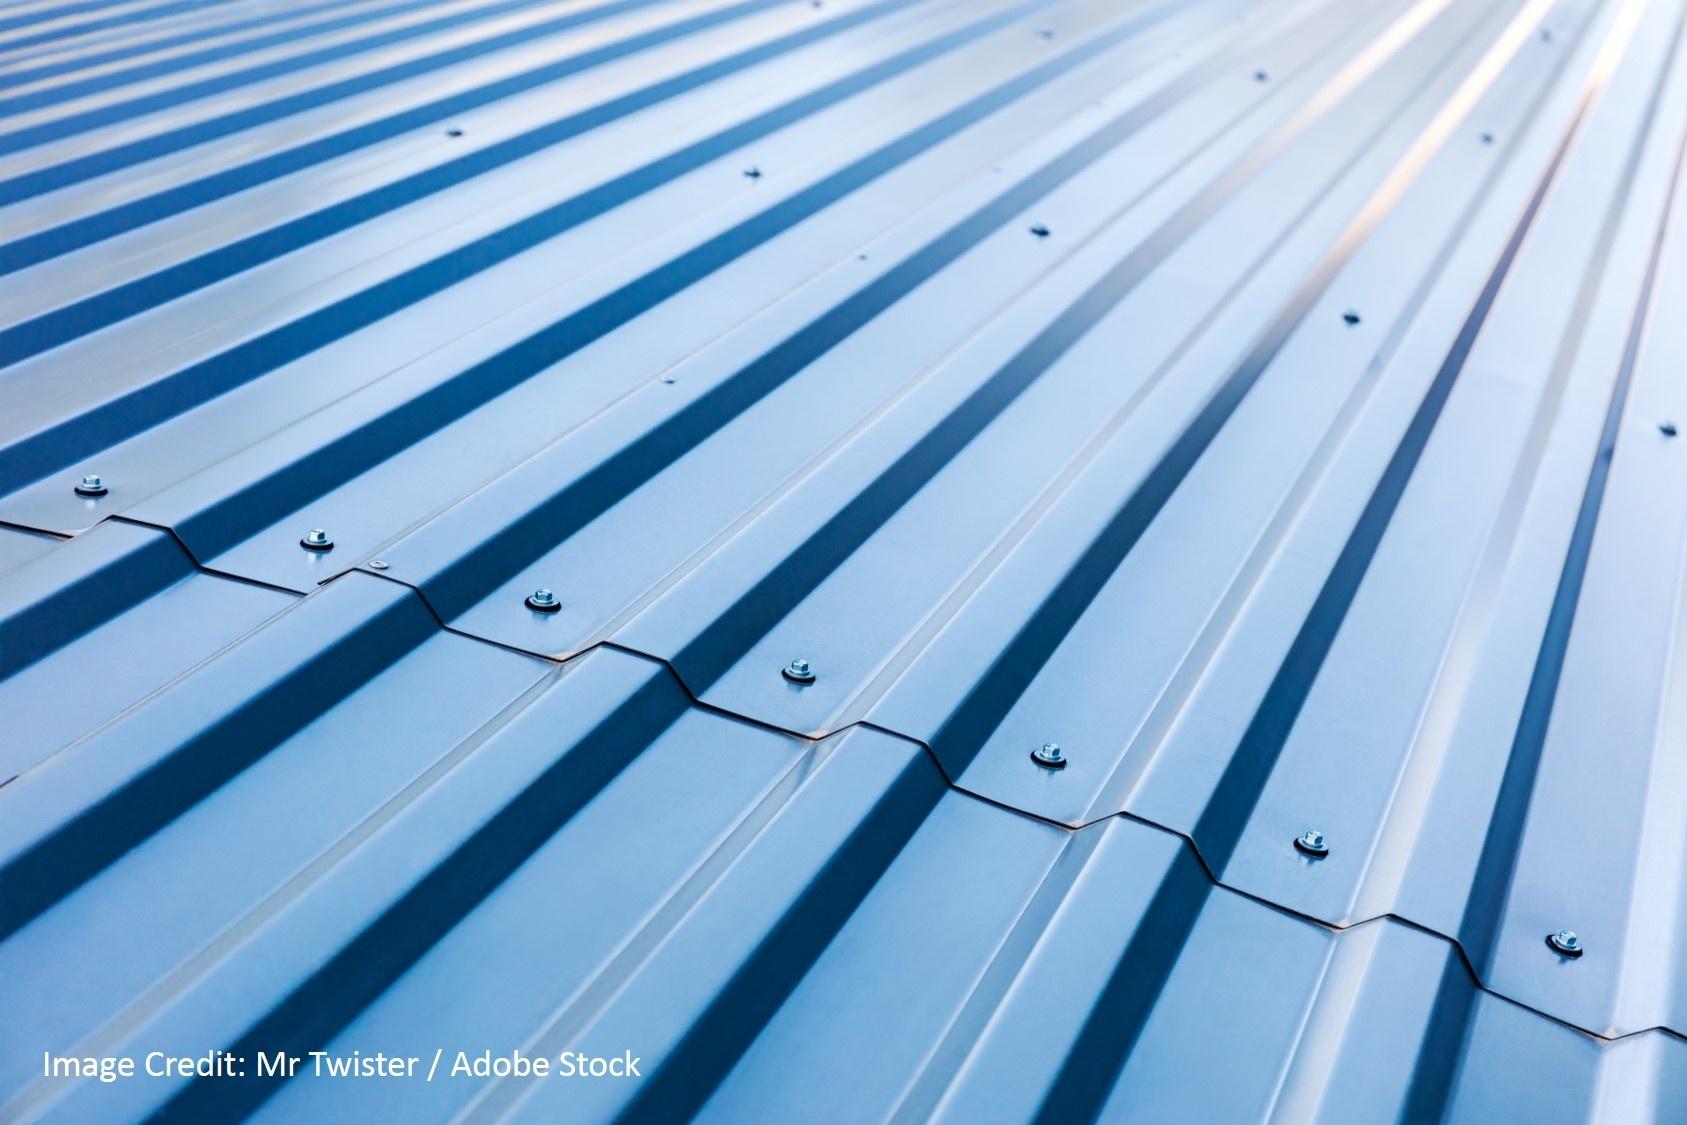 Screw Down Metal Roof-520418-edited.jpg